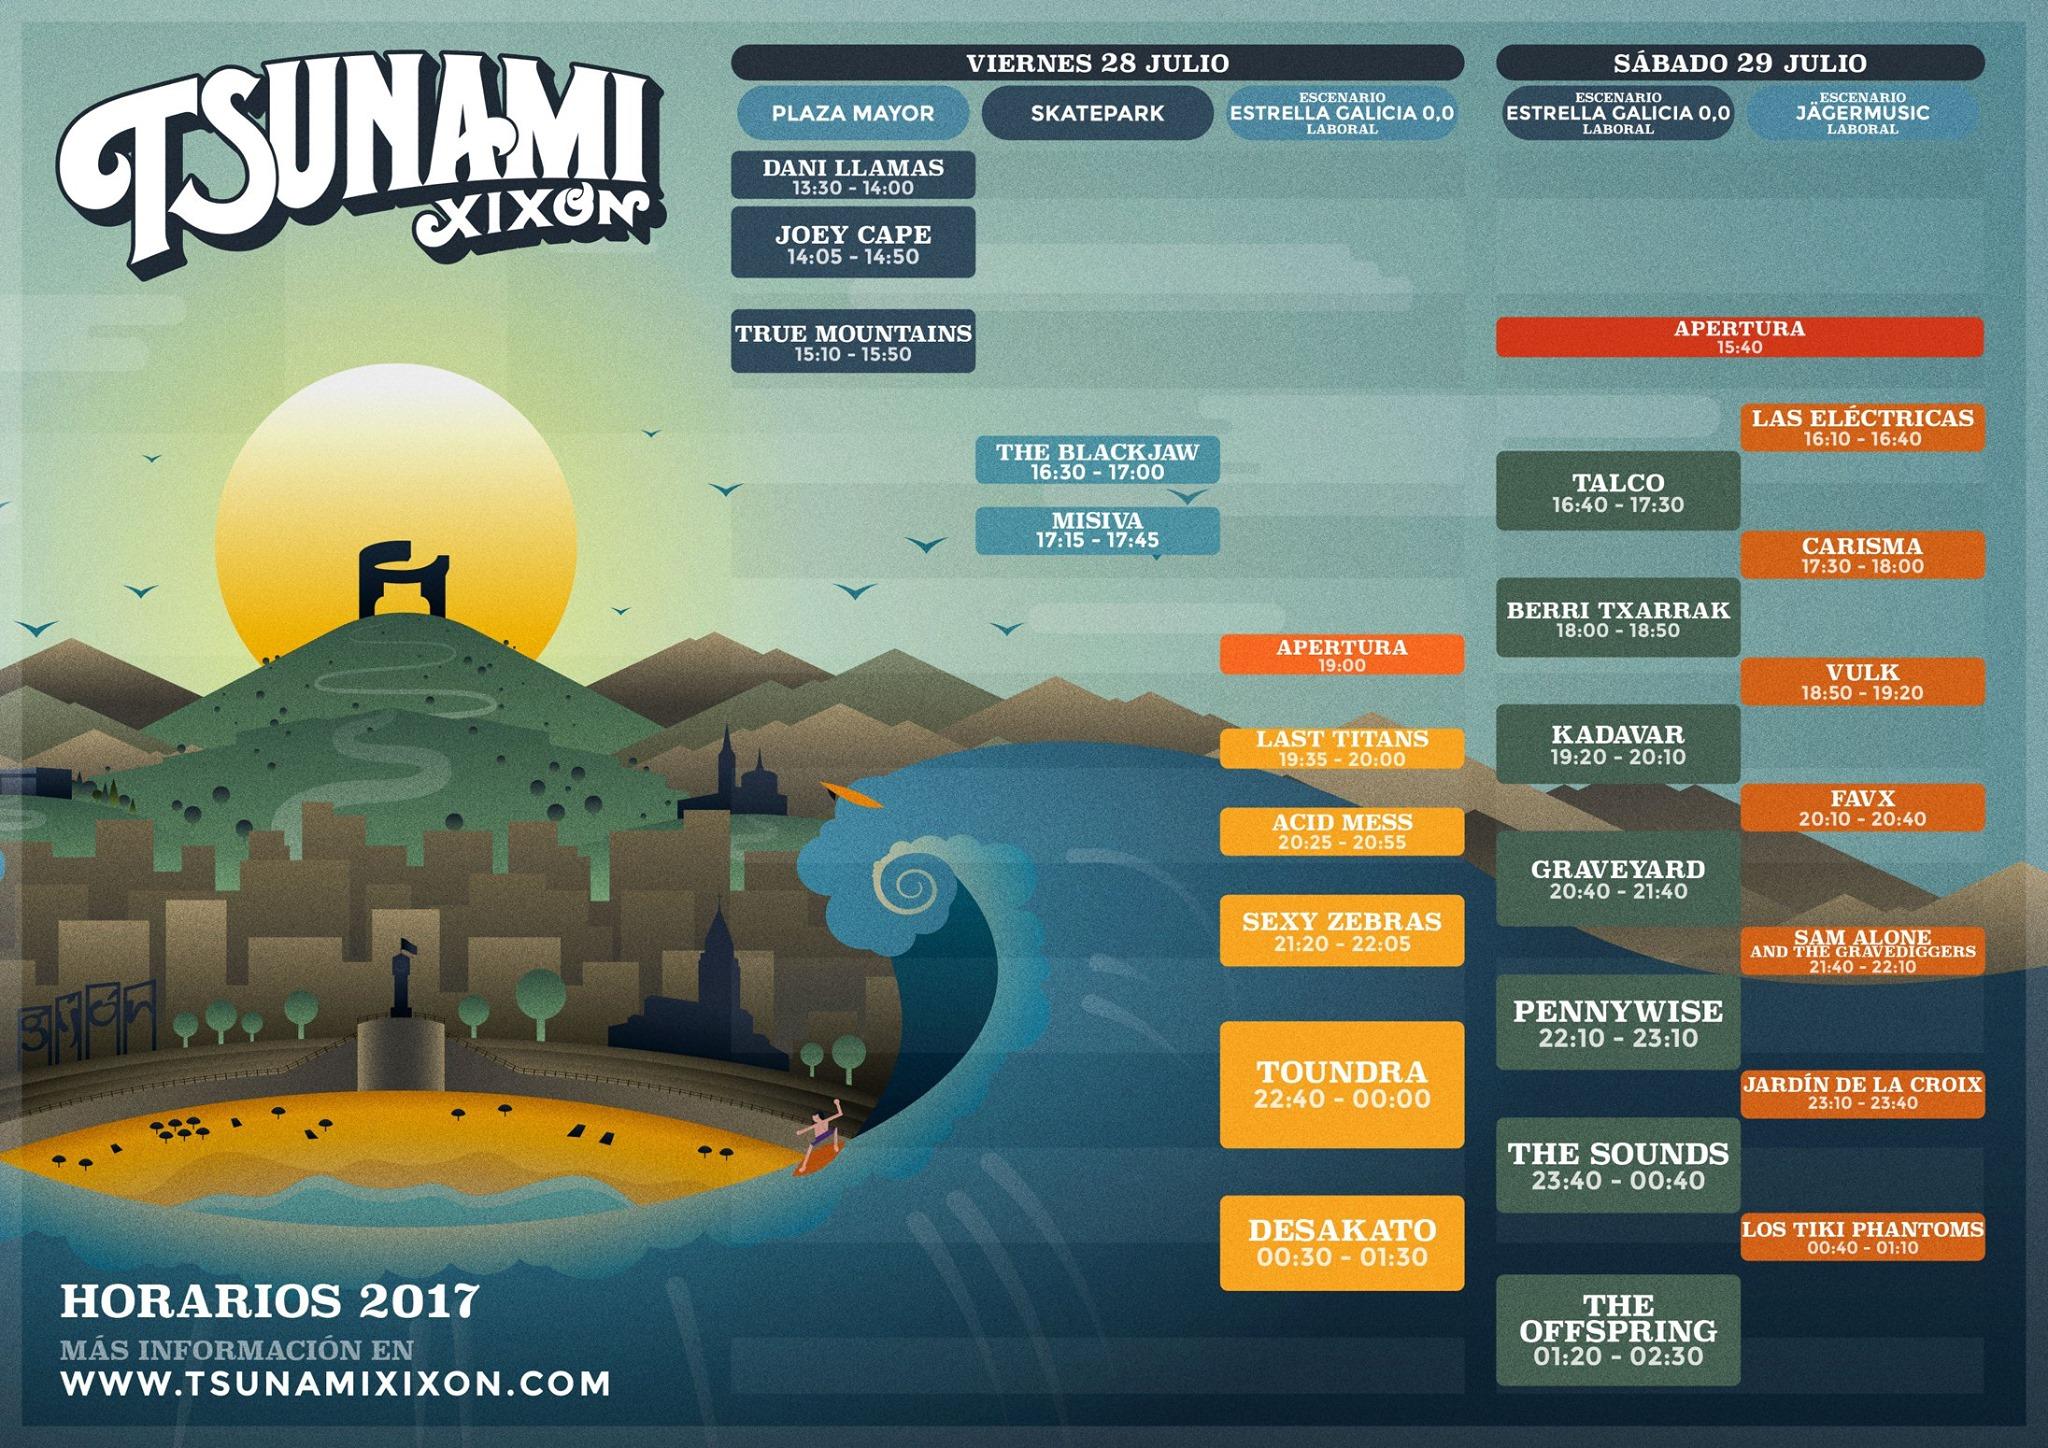 tsunami xixon horarios 2017